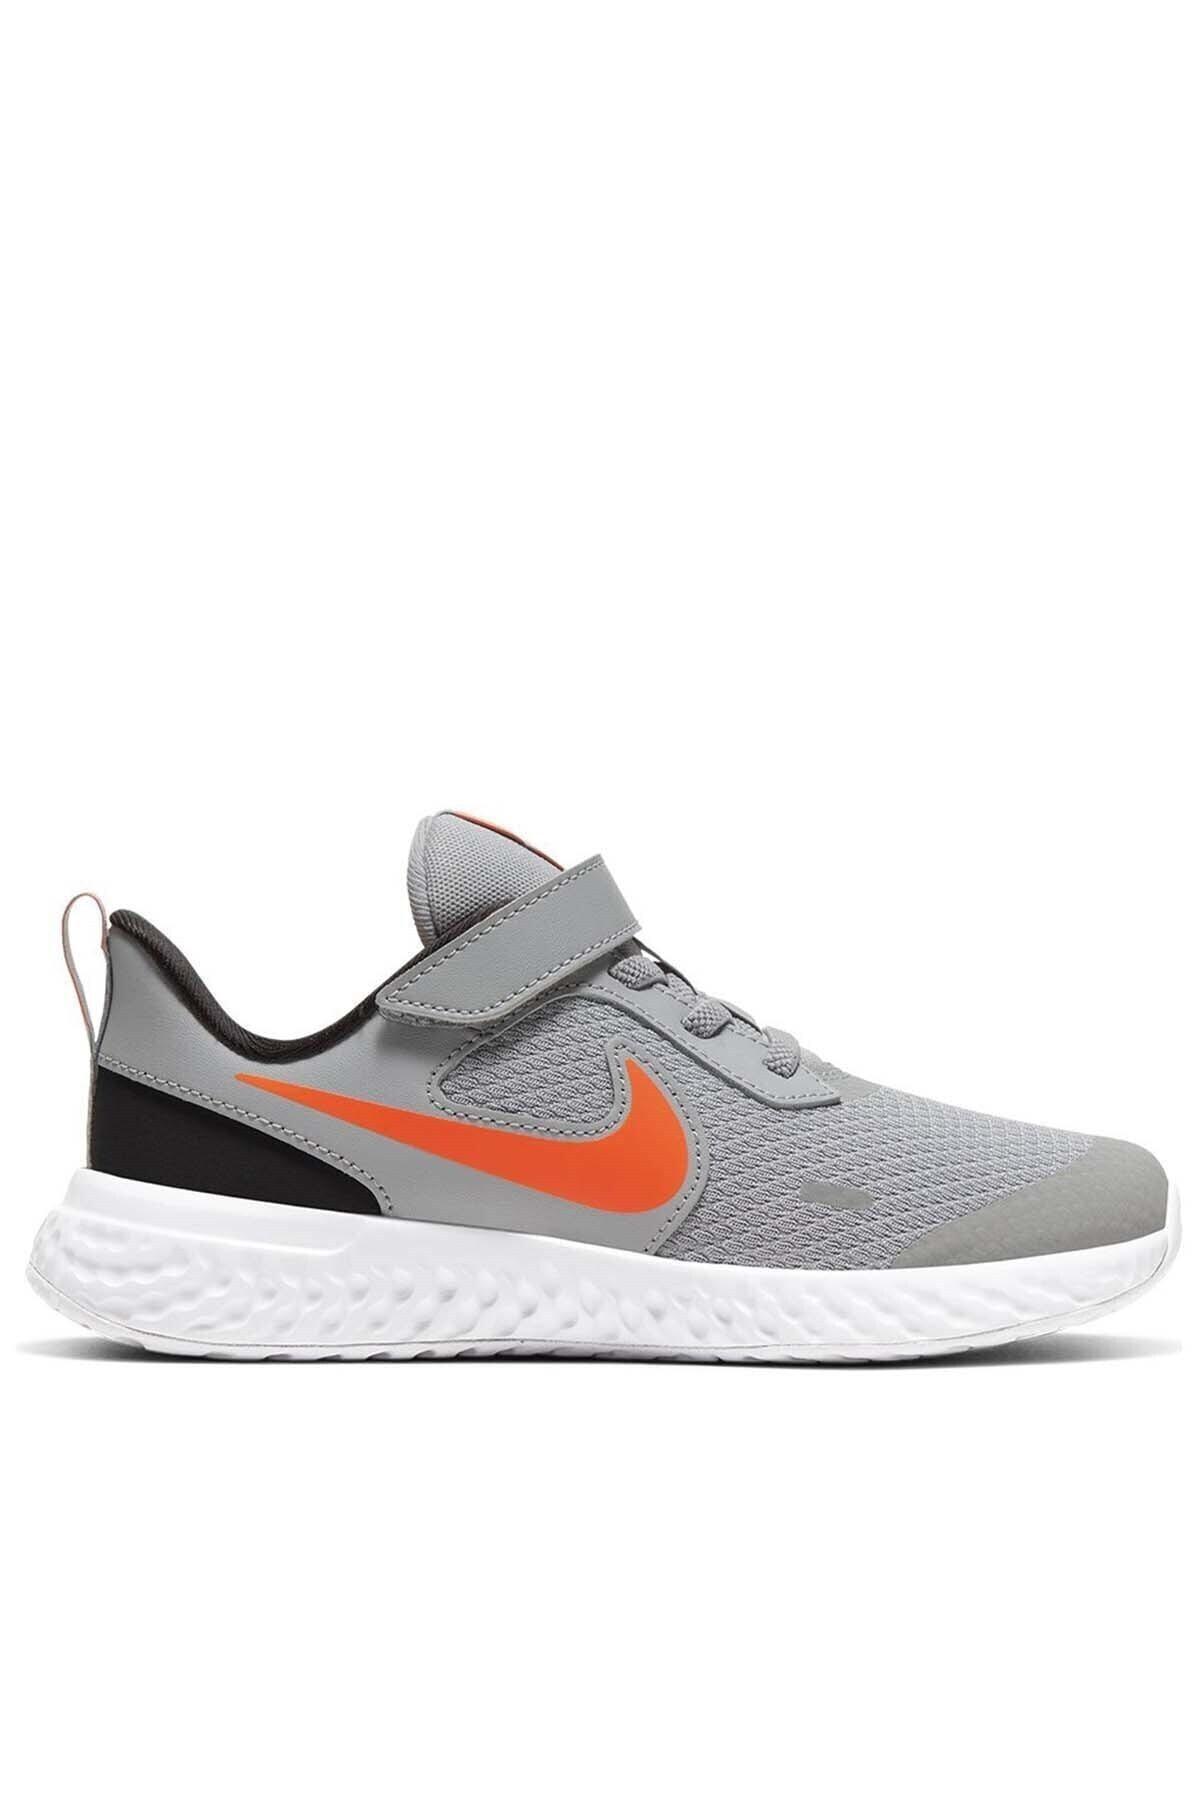 Nike Unisex Çocuk Gri Yürüyüş Koşu Ayakkabı Bq5672-007 Revolutıon 5 Psv 1